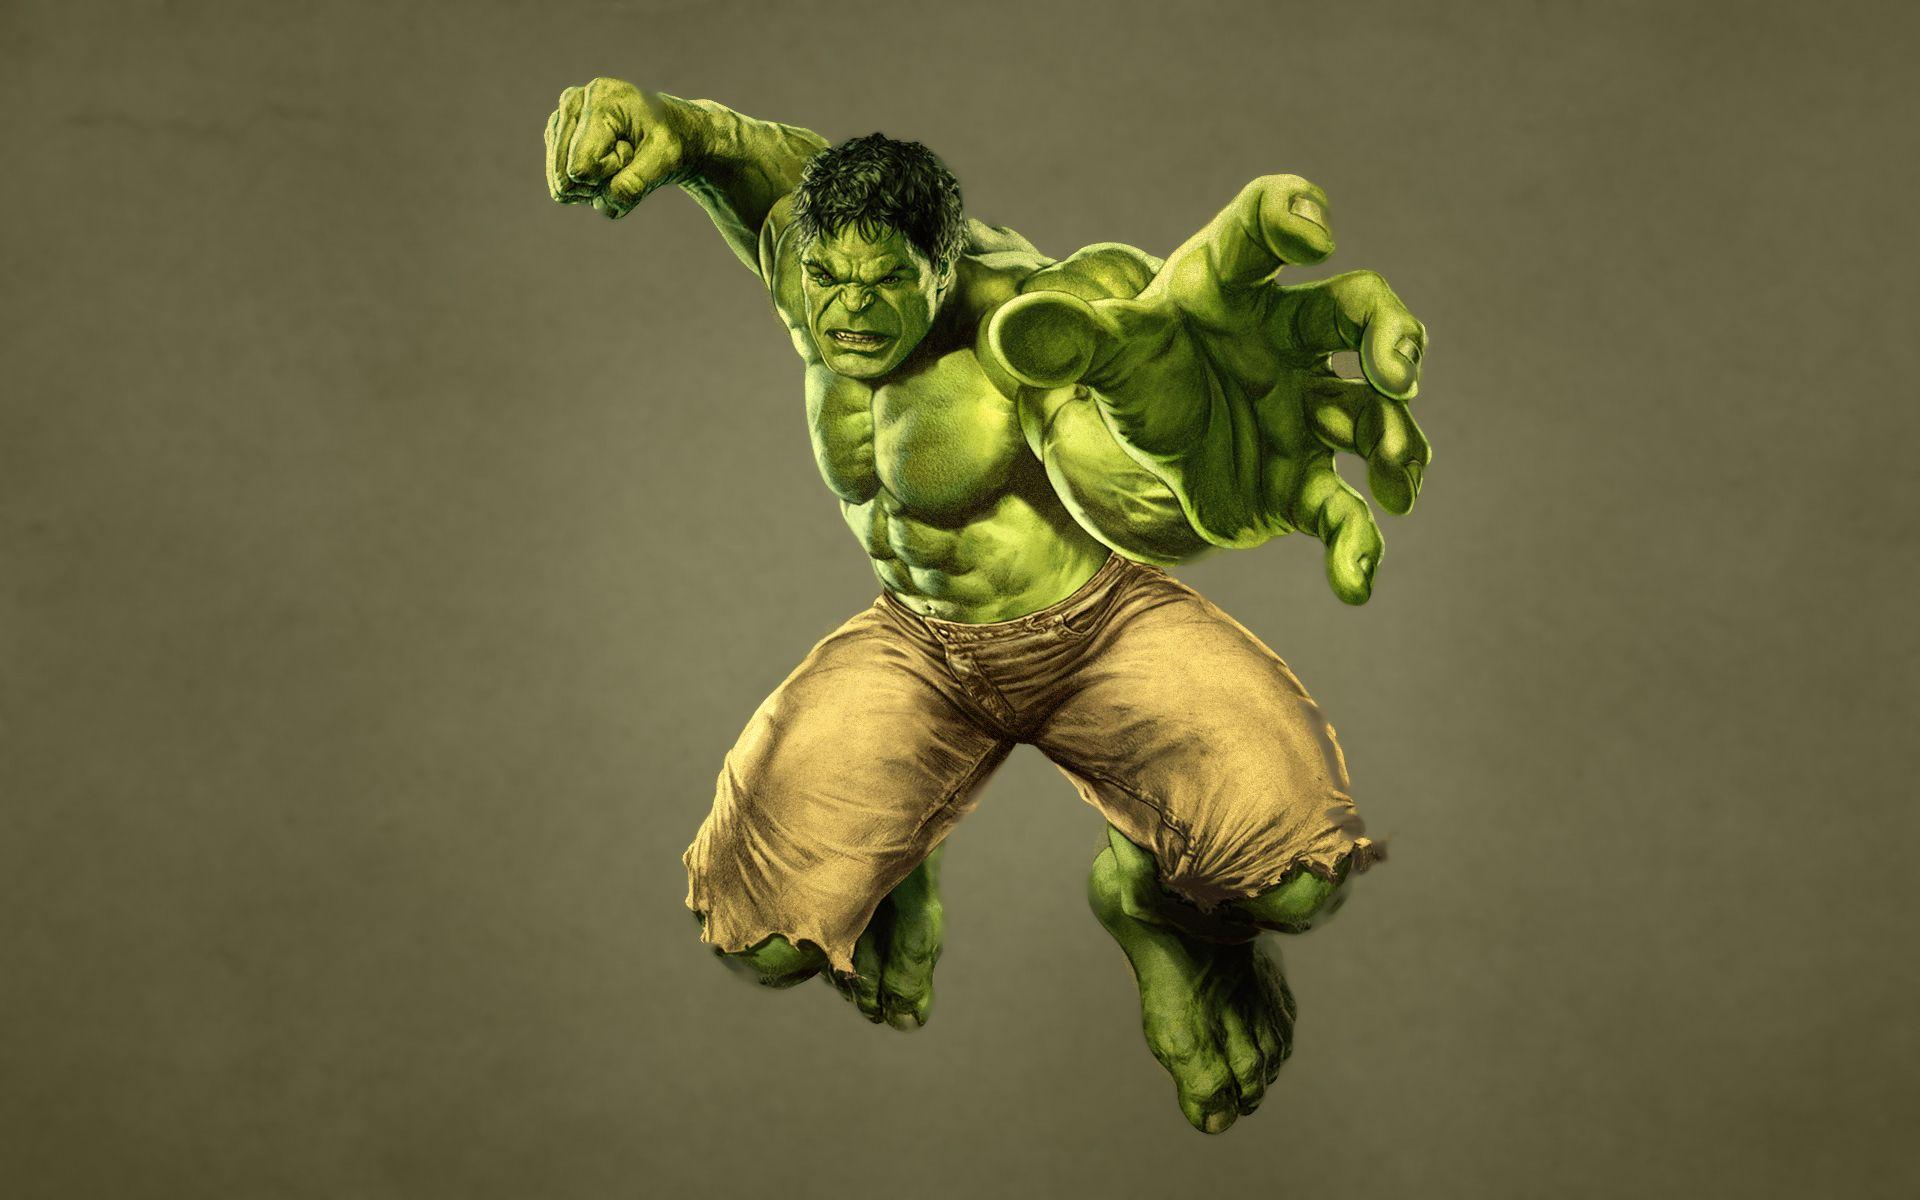 hulk the avengers wallpaper